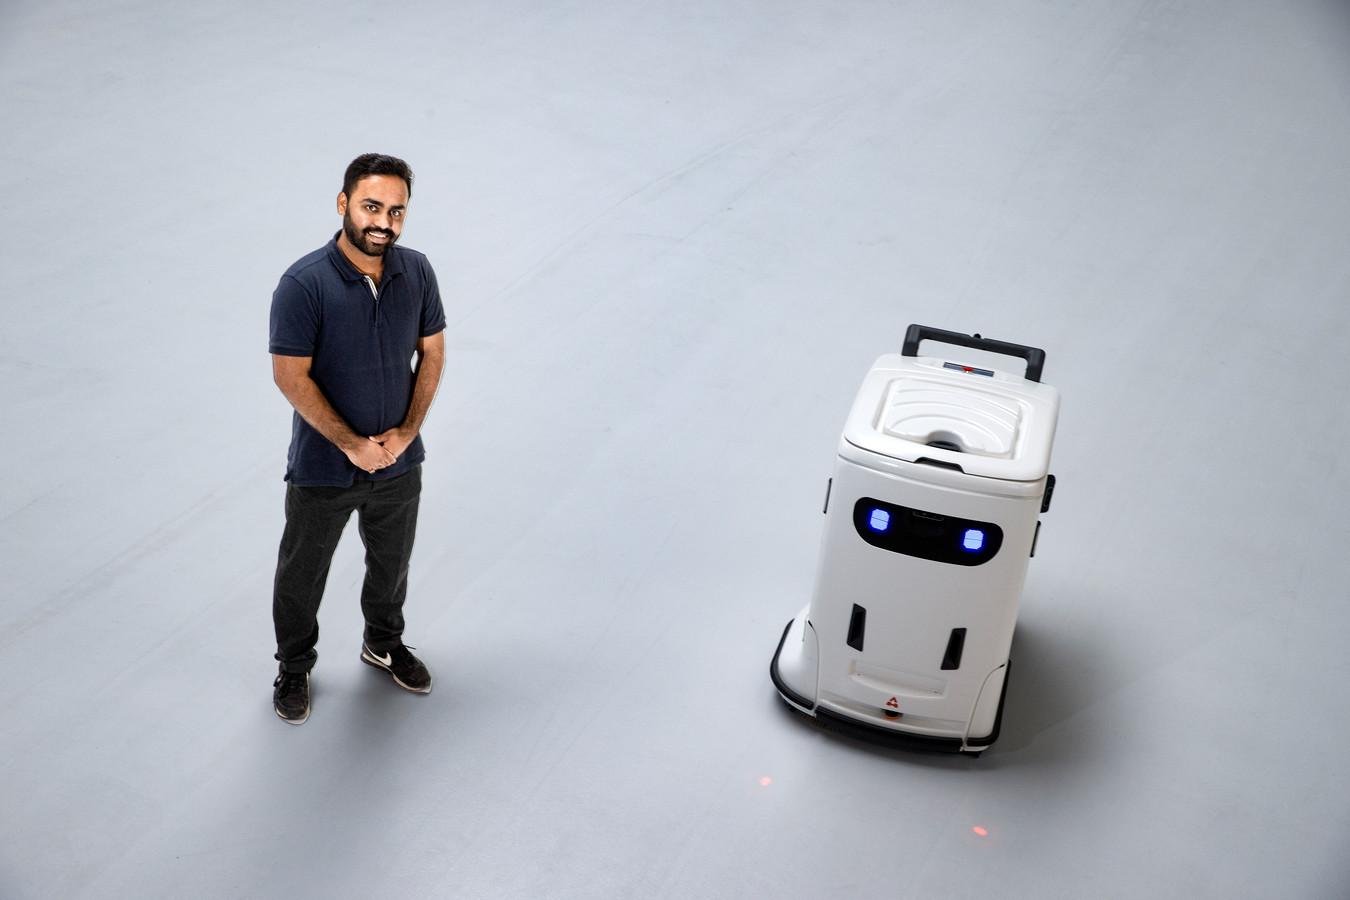 Getooid met de naam BiXi, niet te groot en met twee ogen: Sarthak Yadav wil een schoonmaakrobot die zich als vriend presenteert.